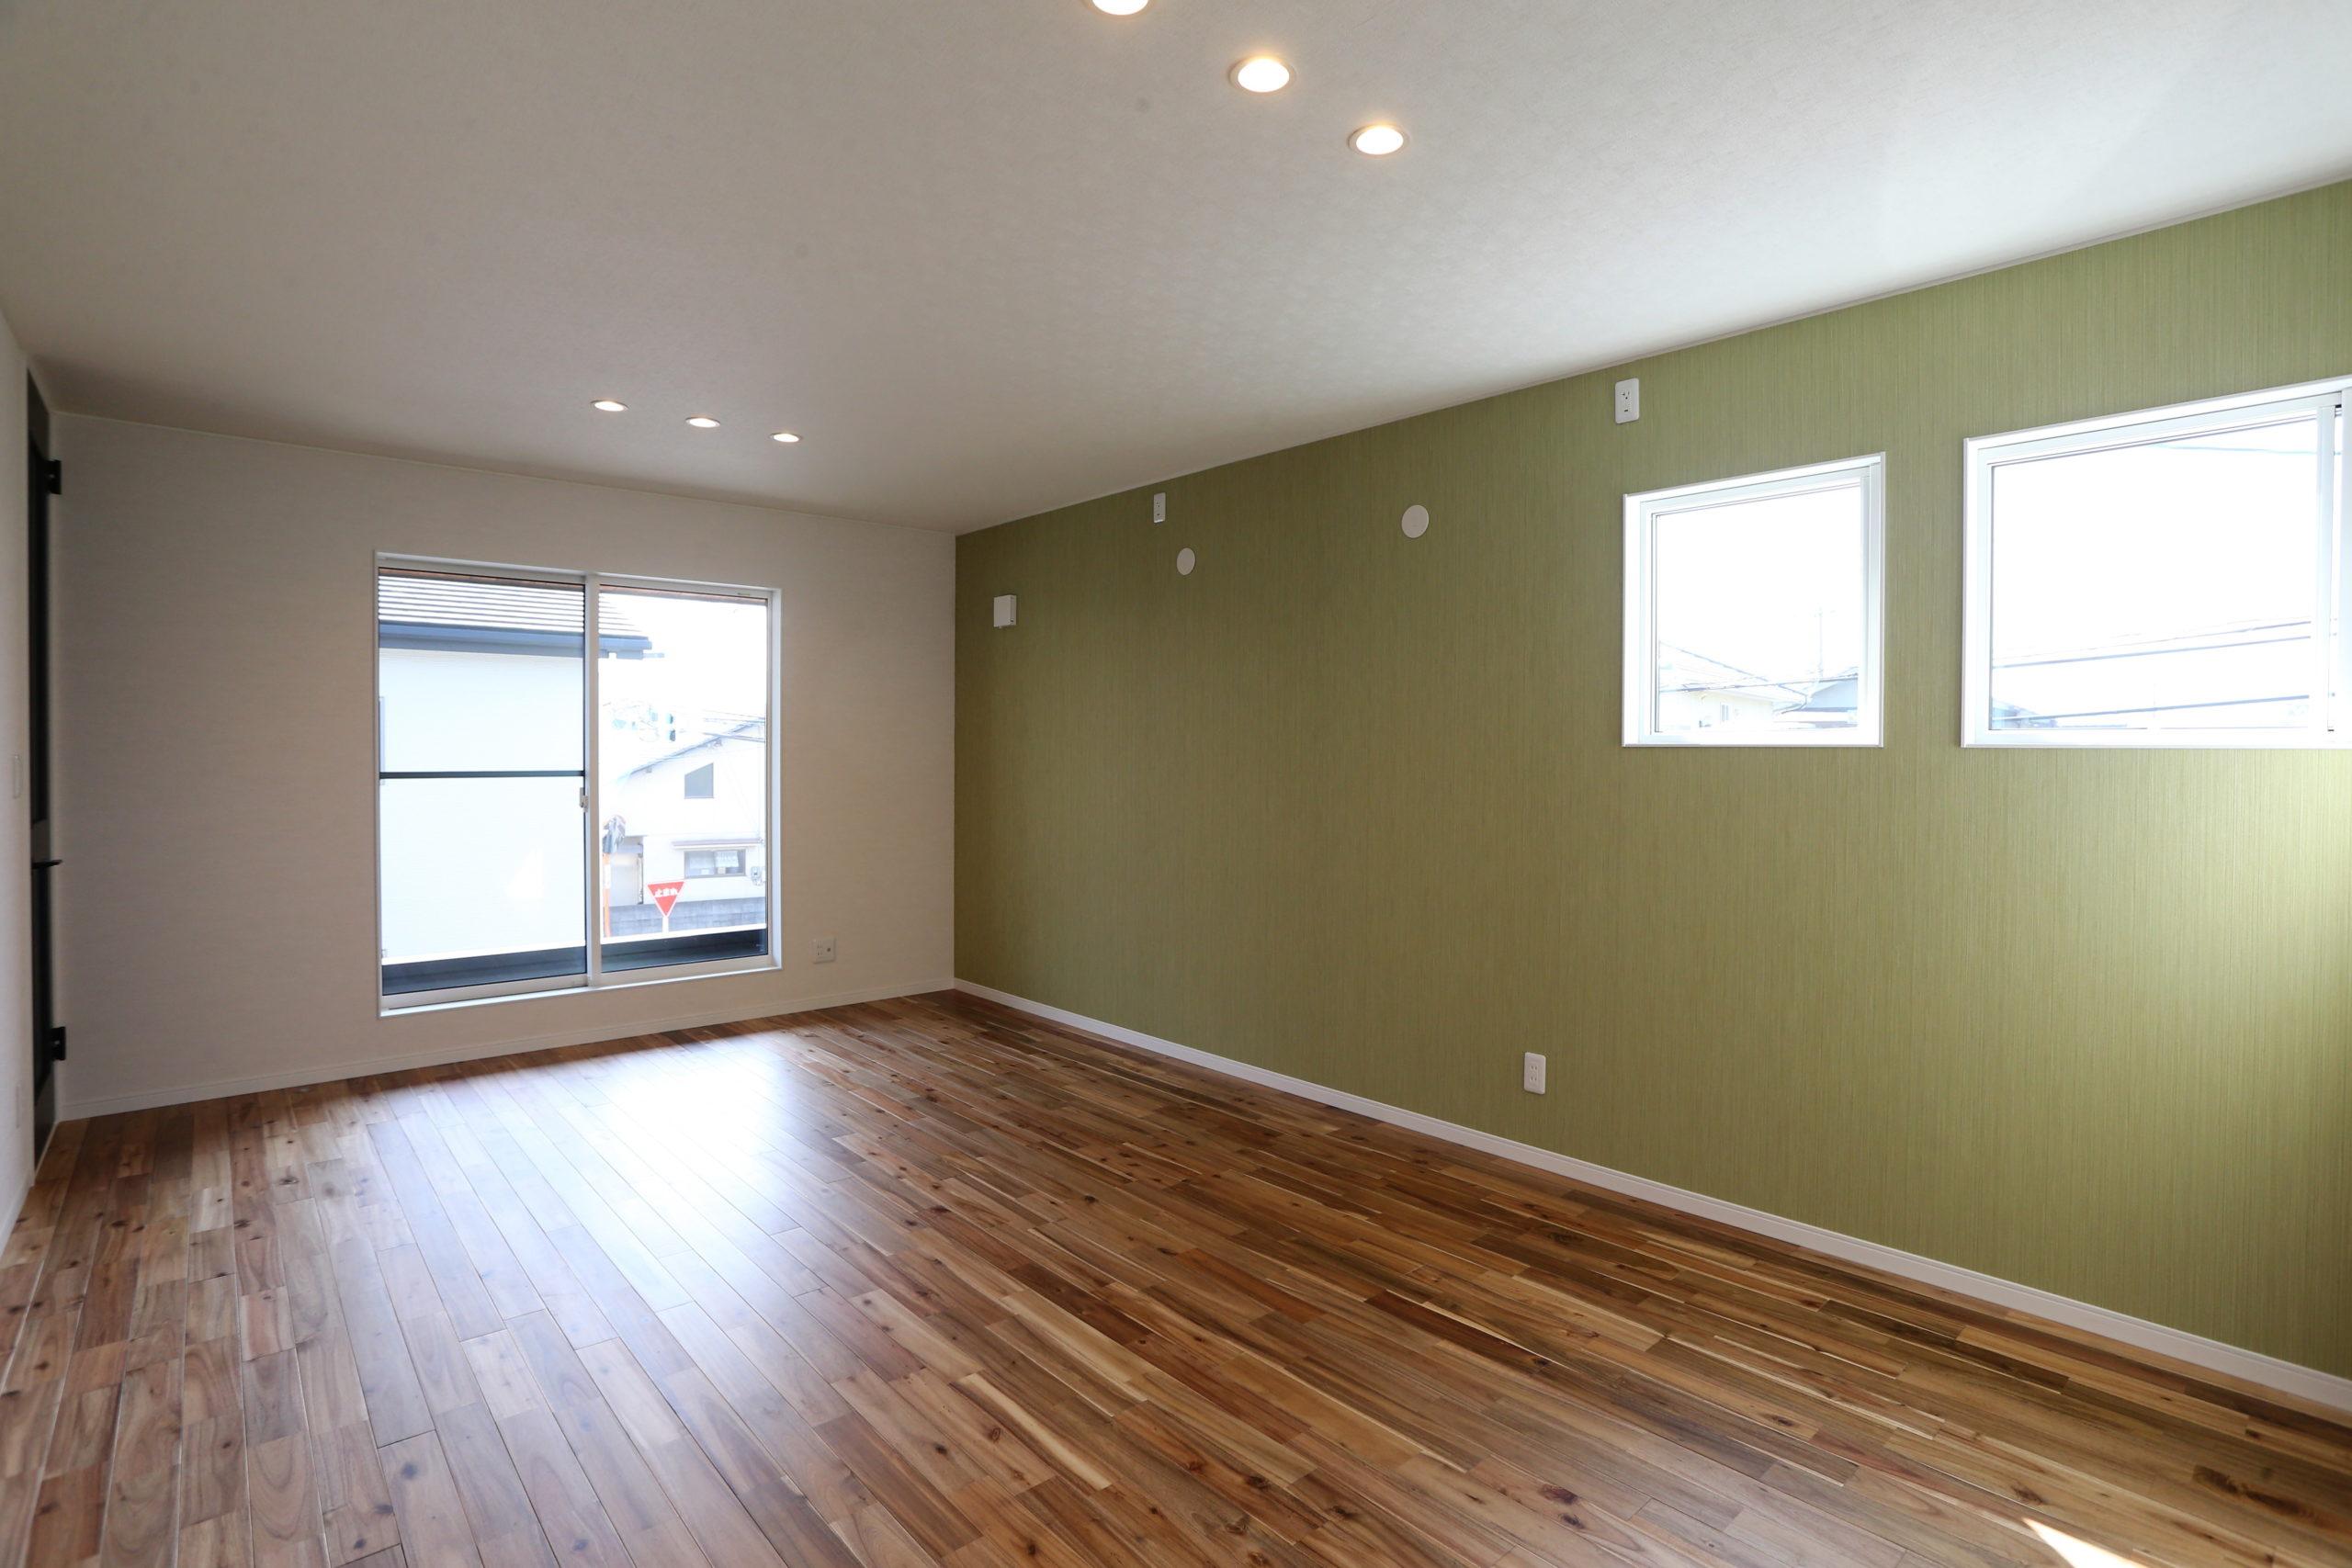 福山市の注文住宅|今井住建の施工事例ギャラリー「床材はやっぱり無垢材を」